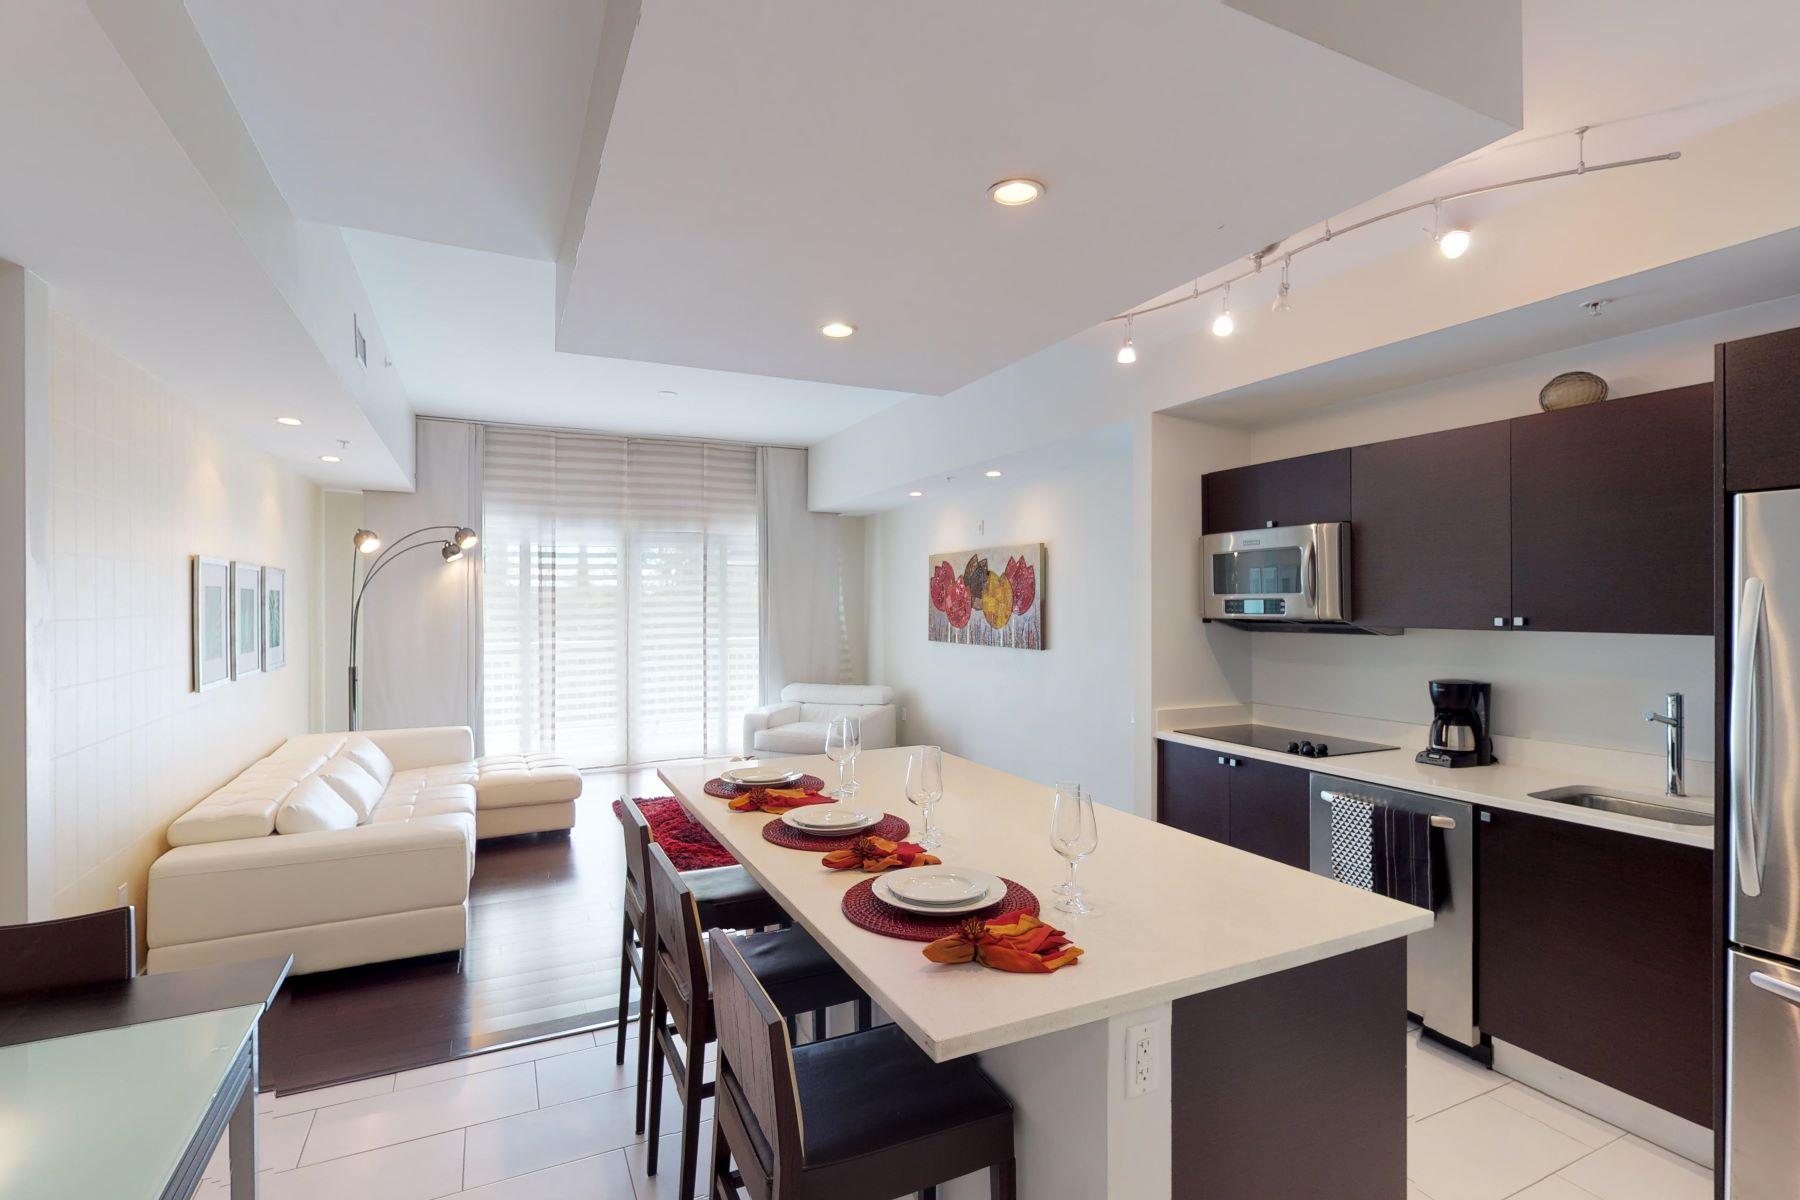 Other Residential Homes için Satış at 5300 Nw 87th Ave 1412, Doral, Florida 33178 Amerika Birleşik Devletleri